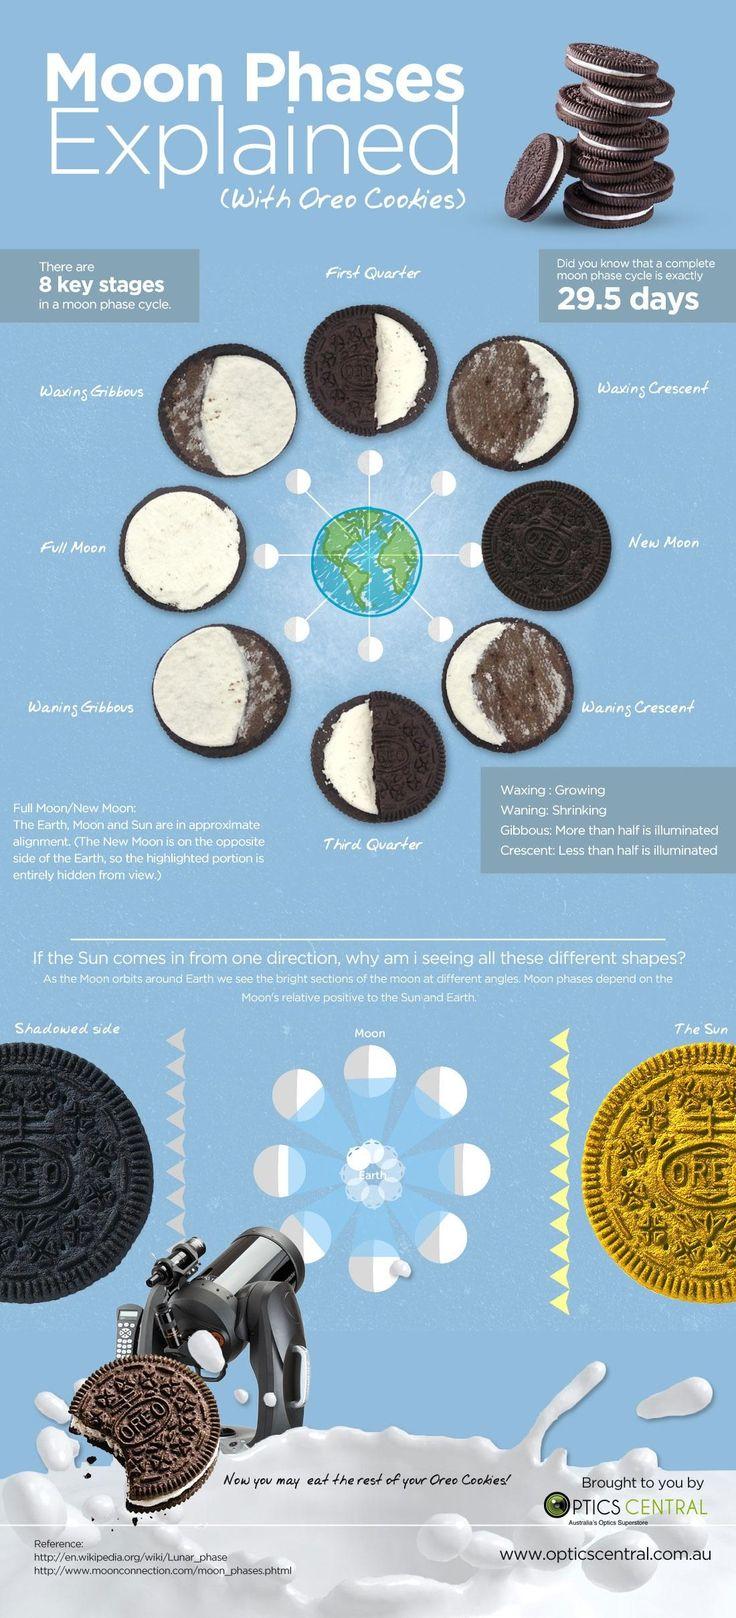 Fases de la luna explicadas con óreo #Infografía #Ciencia #Luna